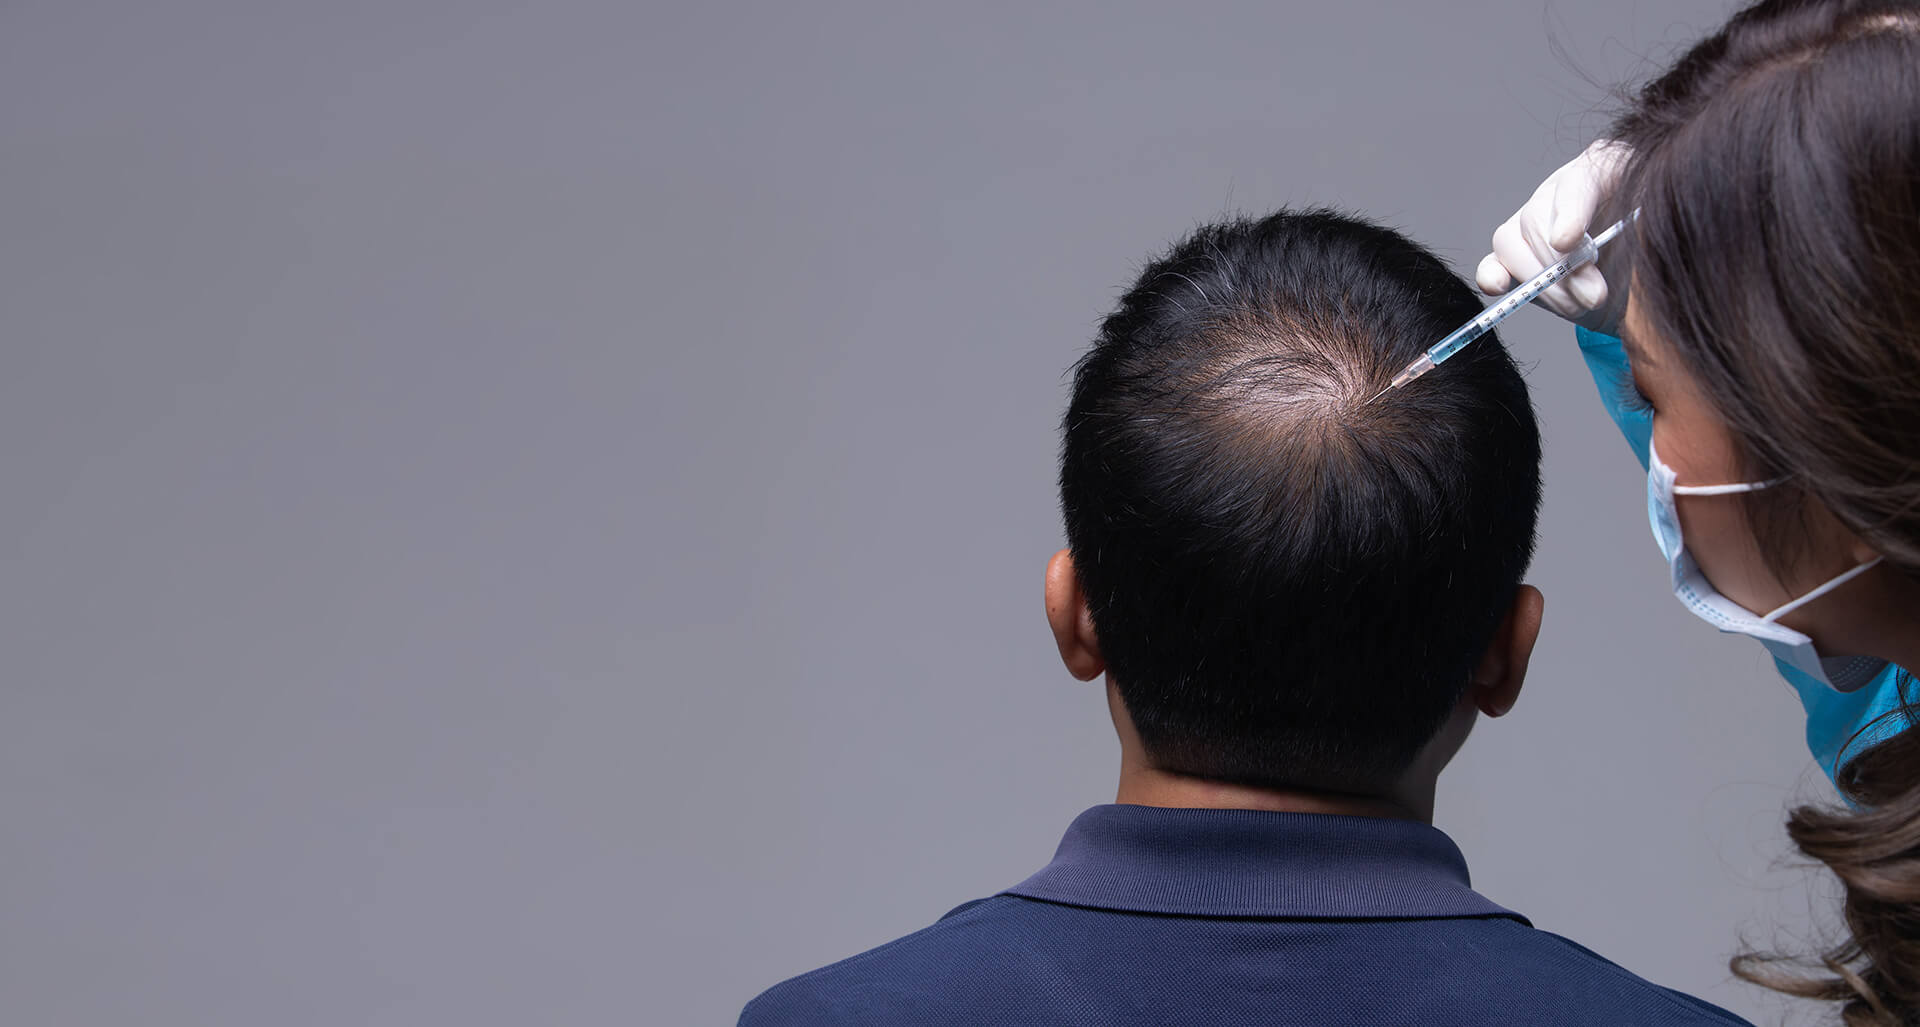 Cómo han evolucionado los trasplantes de pelo